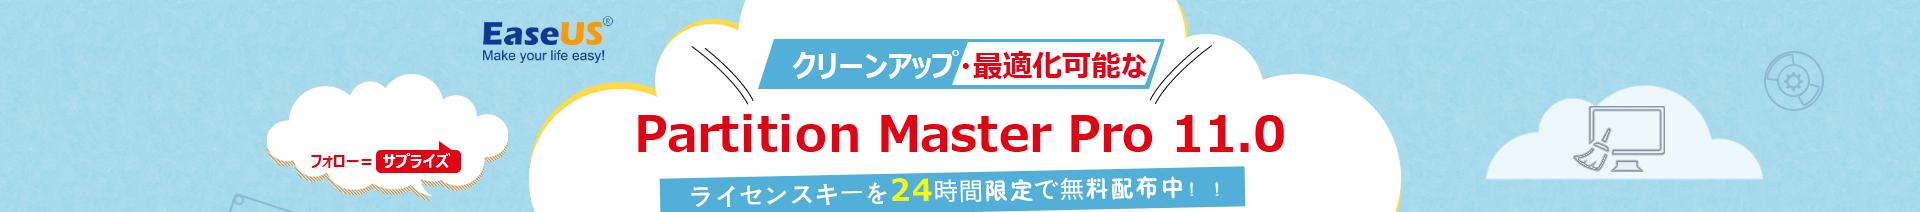 パーティション管理&バックアップソフトのEASEUS Partition Master 11が48時間限定でライセンスキーを配布予定。定価は5000円ぐらい。